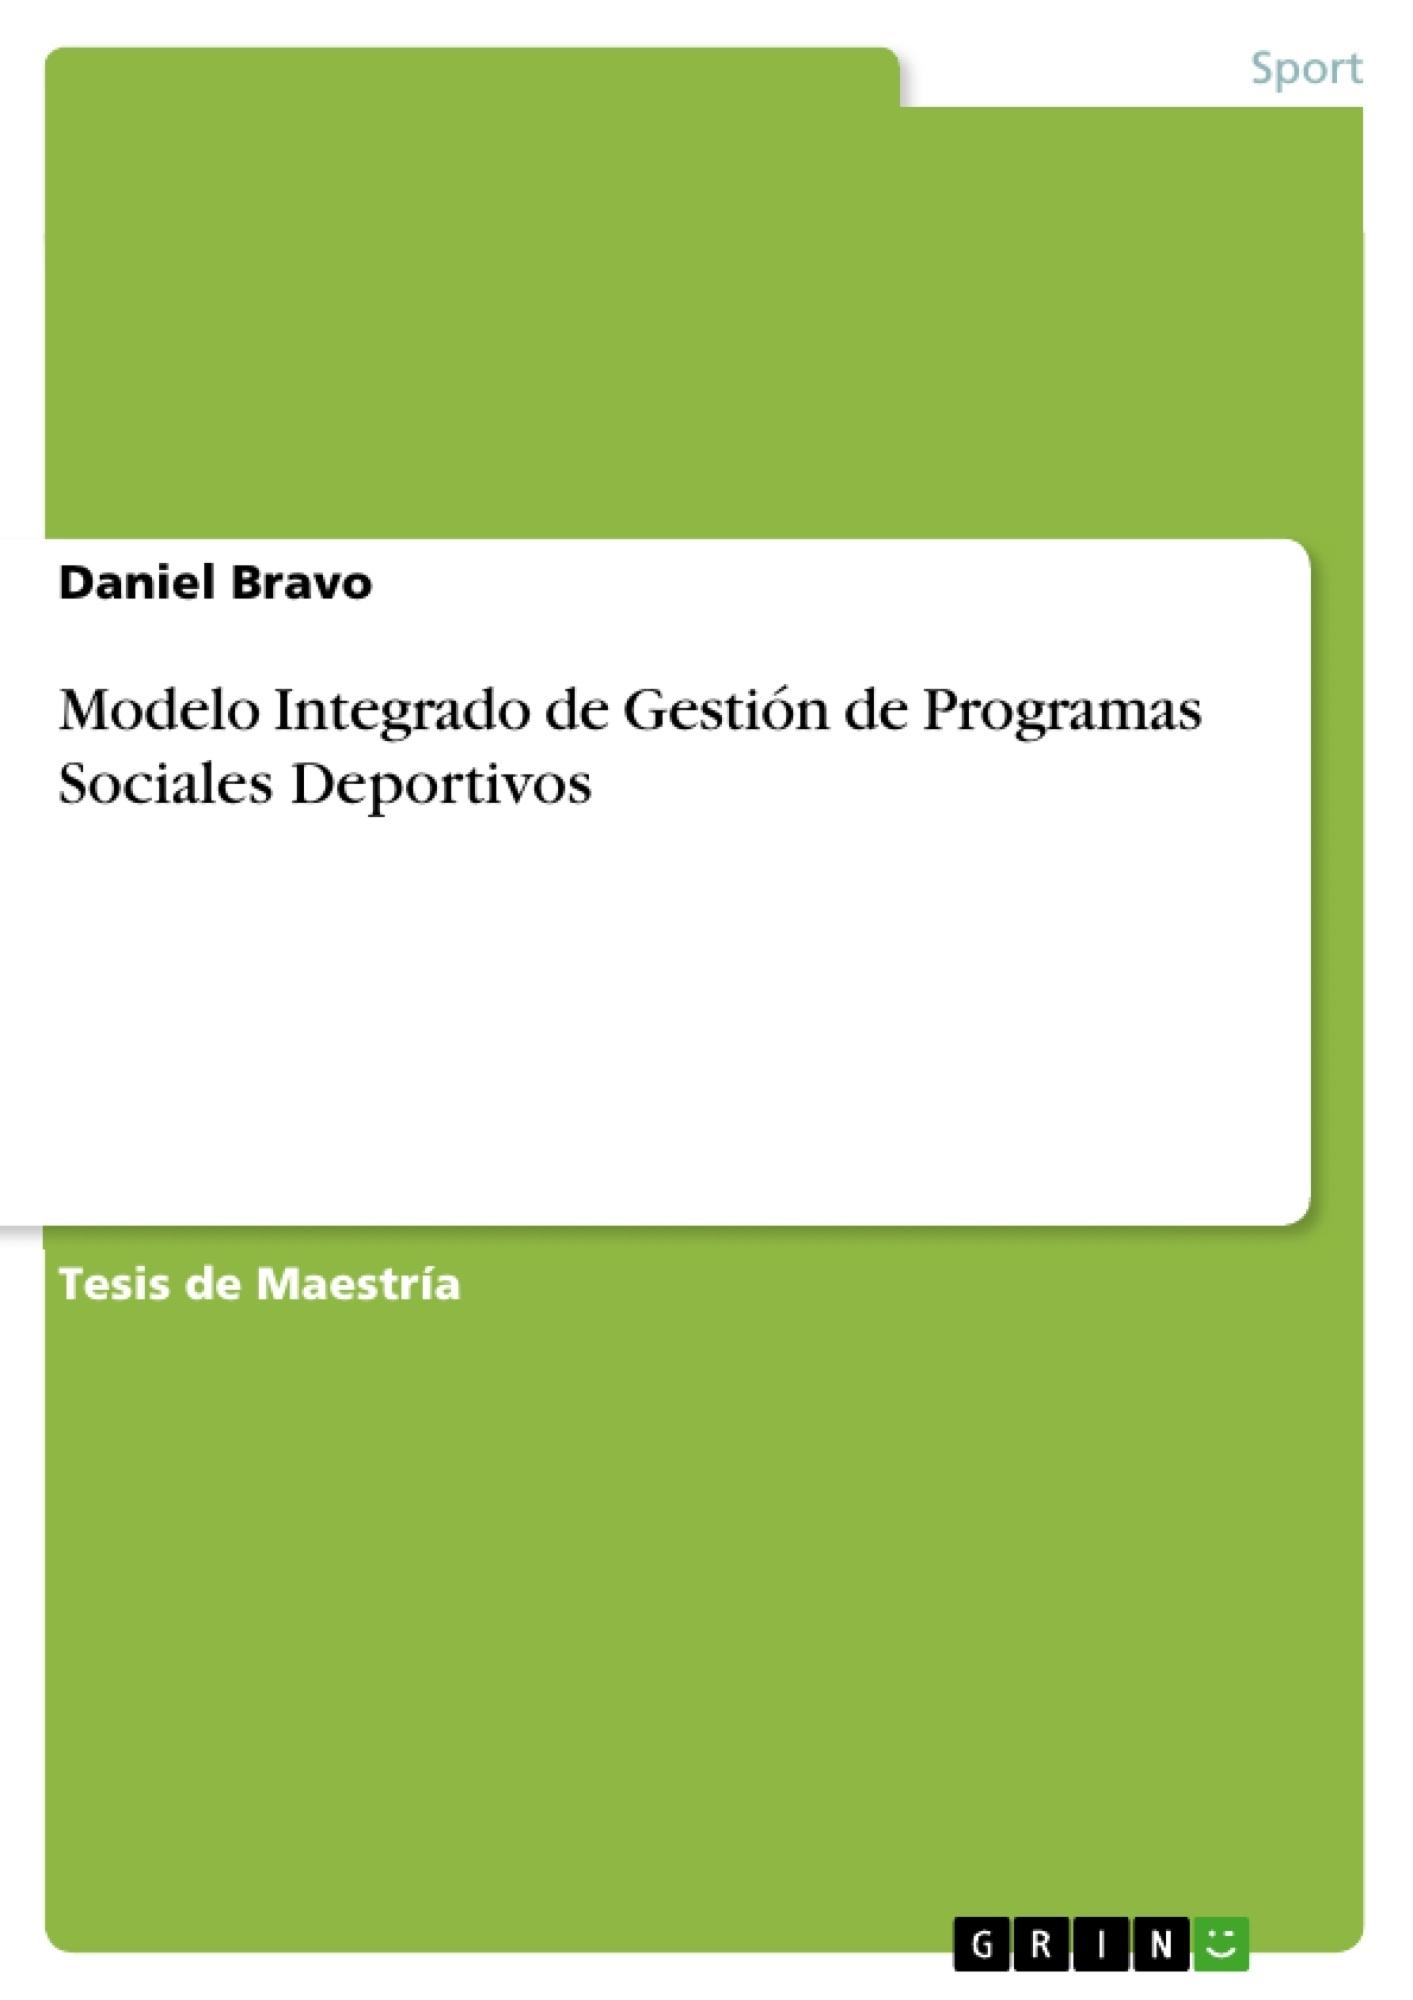 Título: Modelo Integrado de Gestión de Programas Sociales Deportivos